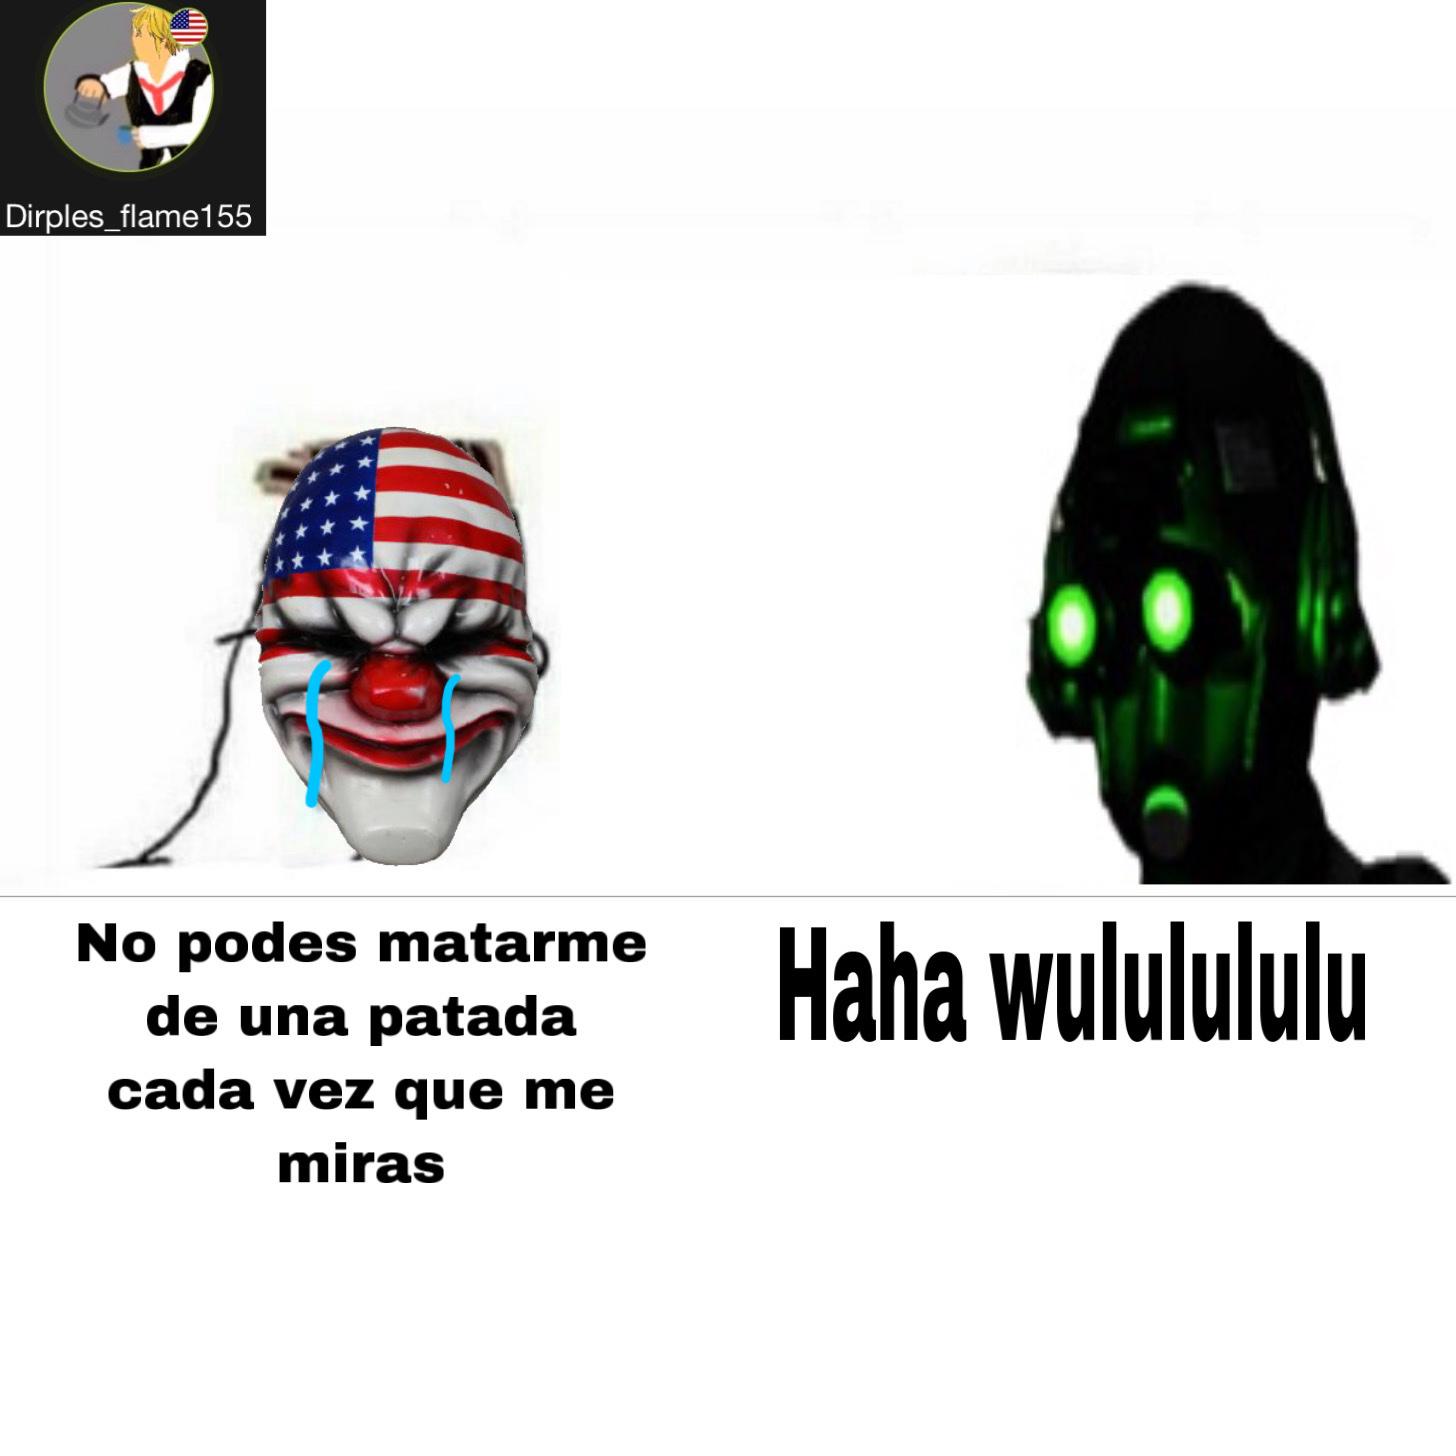 haha wululululu - meme